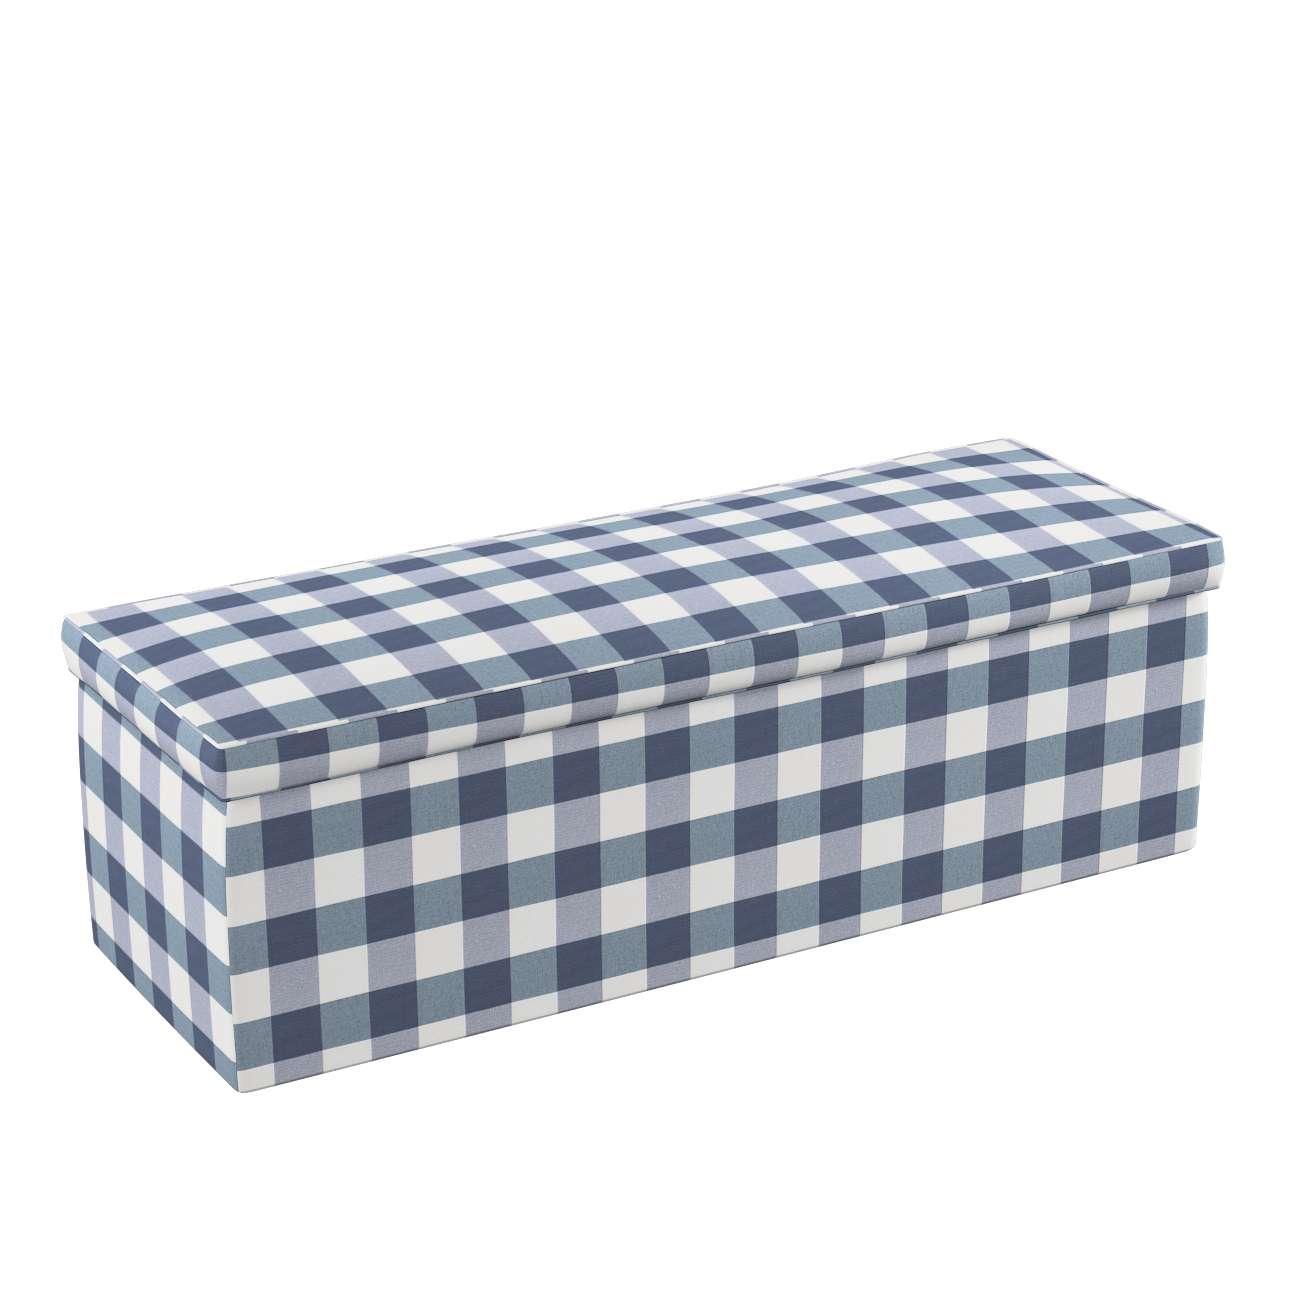 Čalouněná skříň s volbou látky - 2 velikosti v kolekci Quadro, látka: 136-03